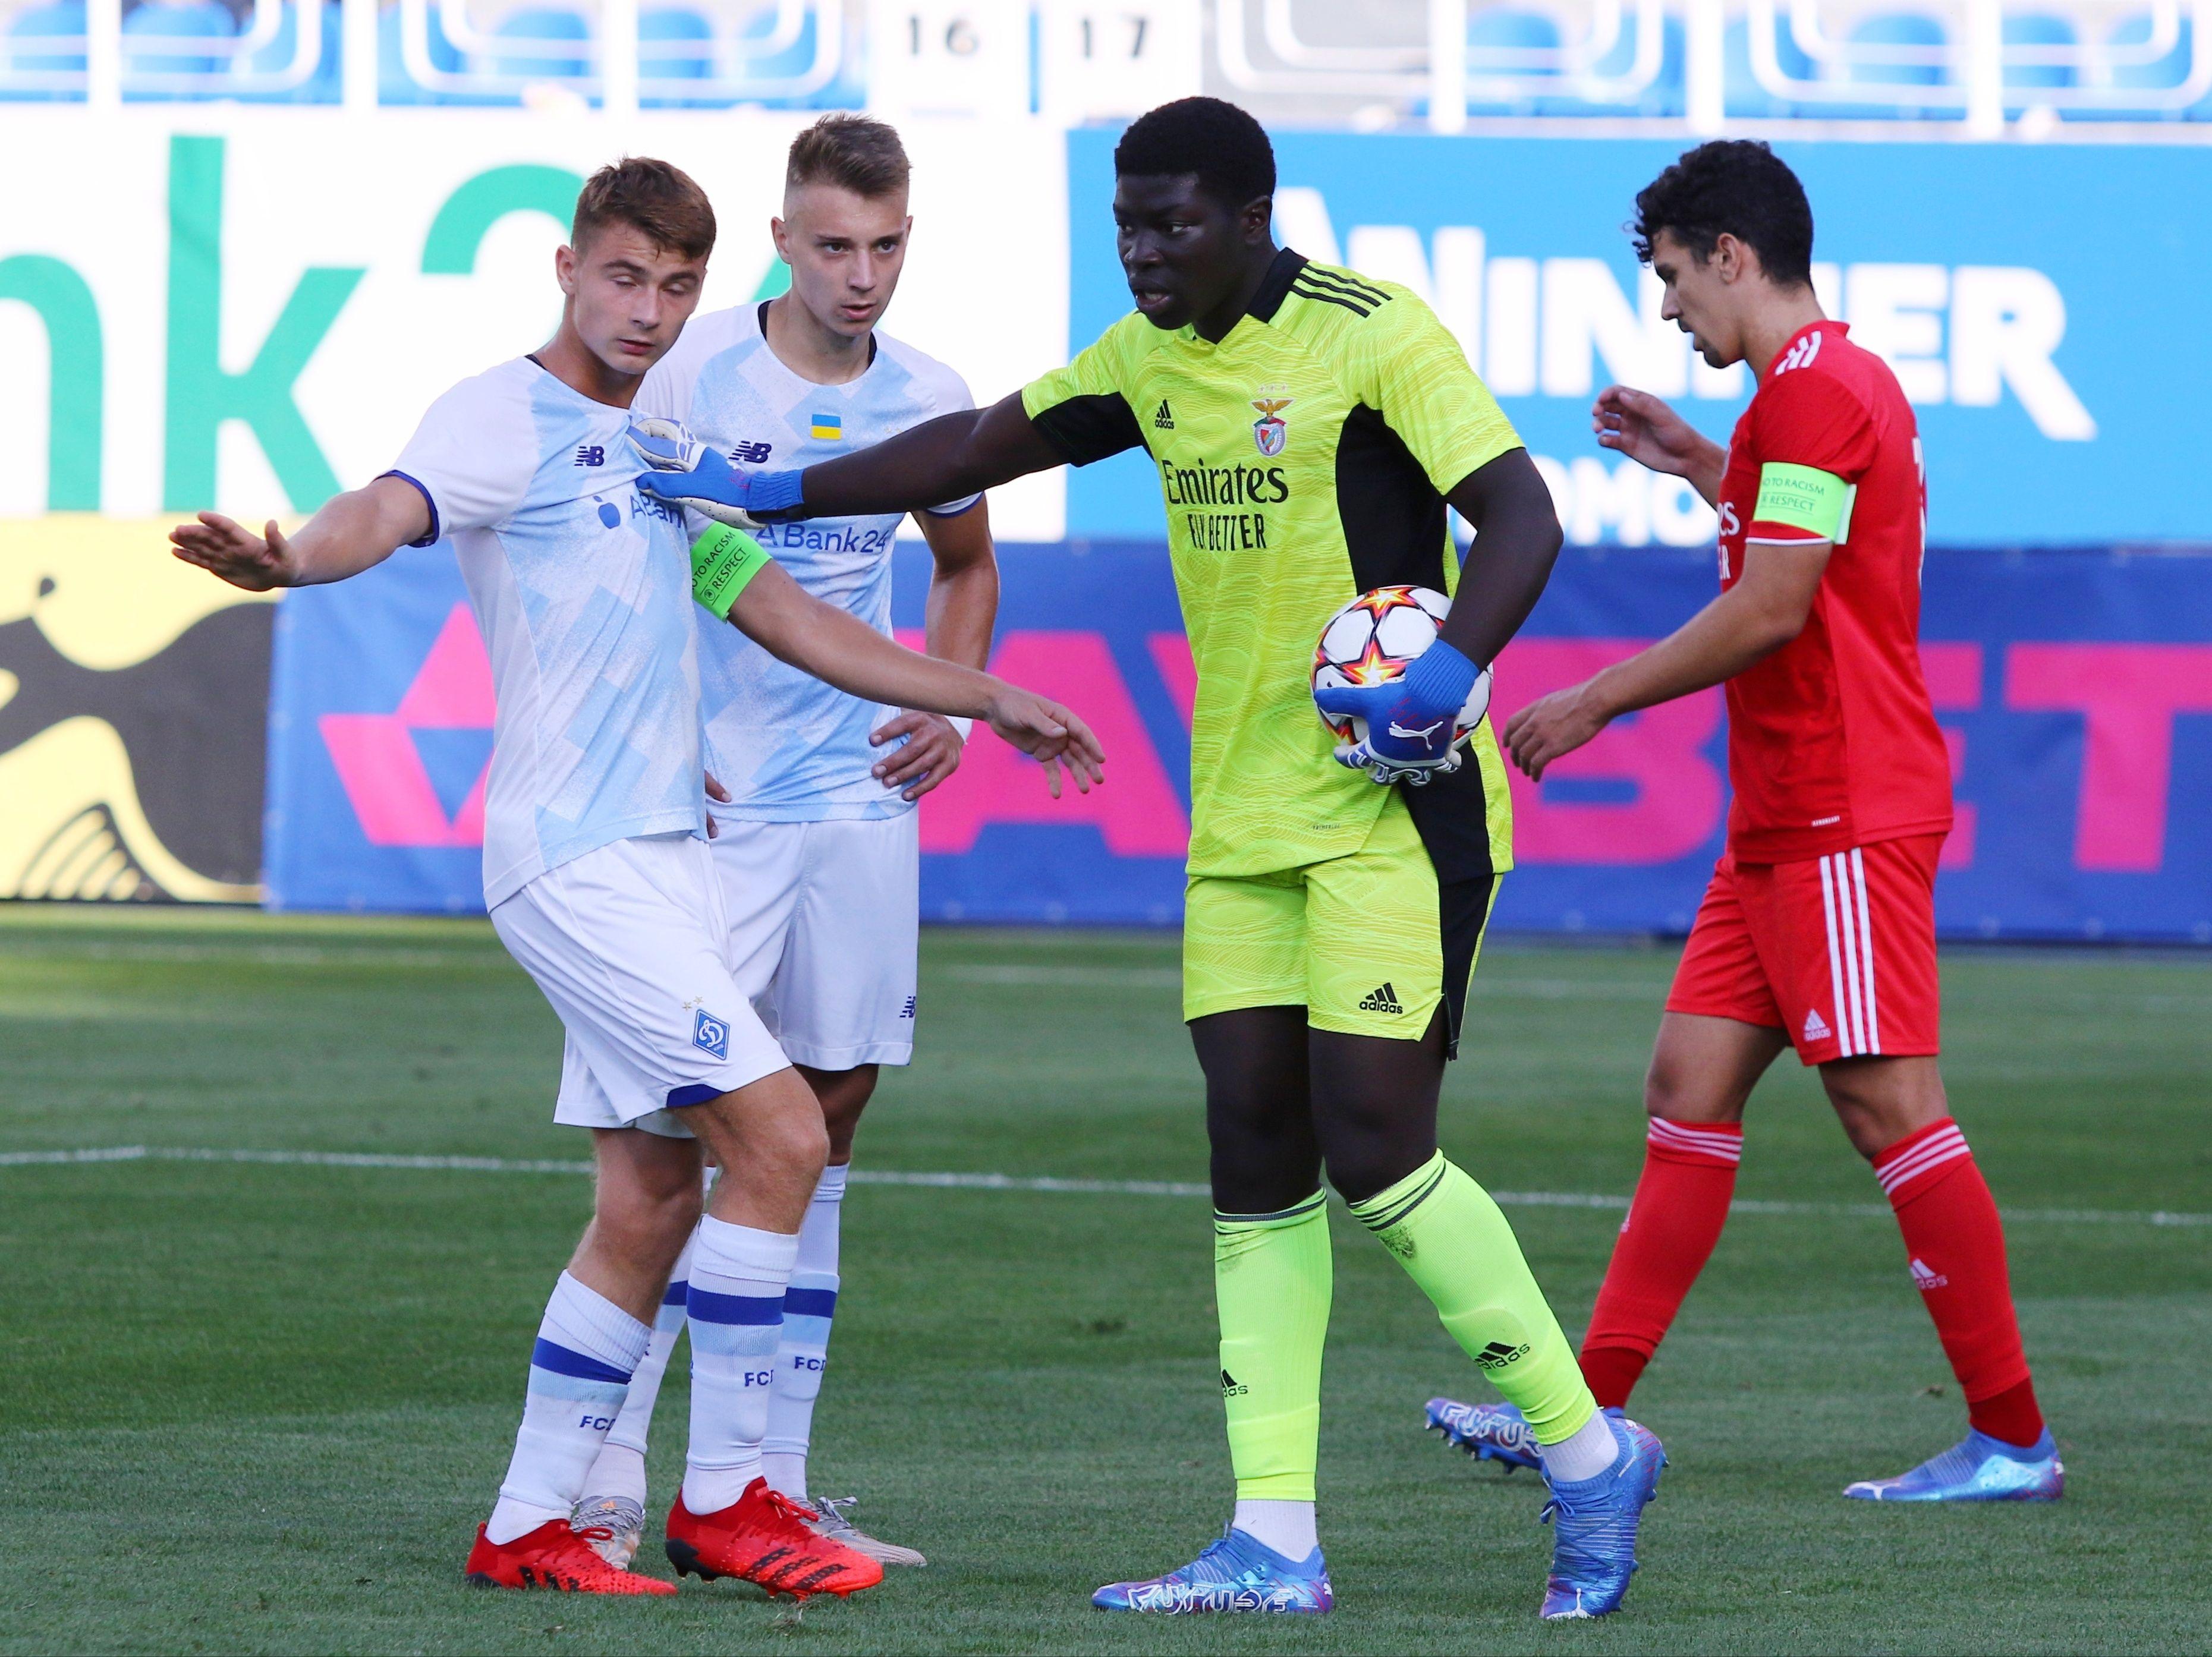 Відмінний старт! ФОТО репортаж з матчу Юнацької ліги УЄФА Динамо - Бенфіка 4:0 - фото 20